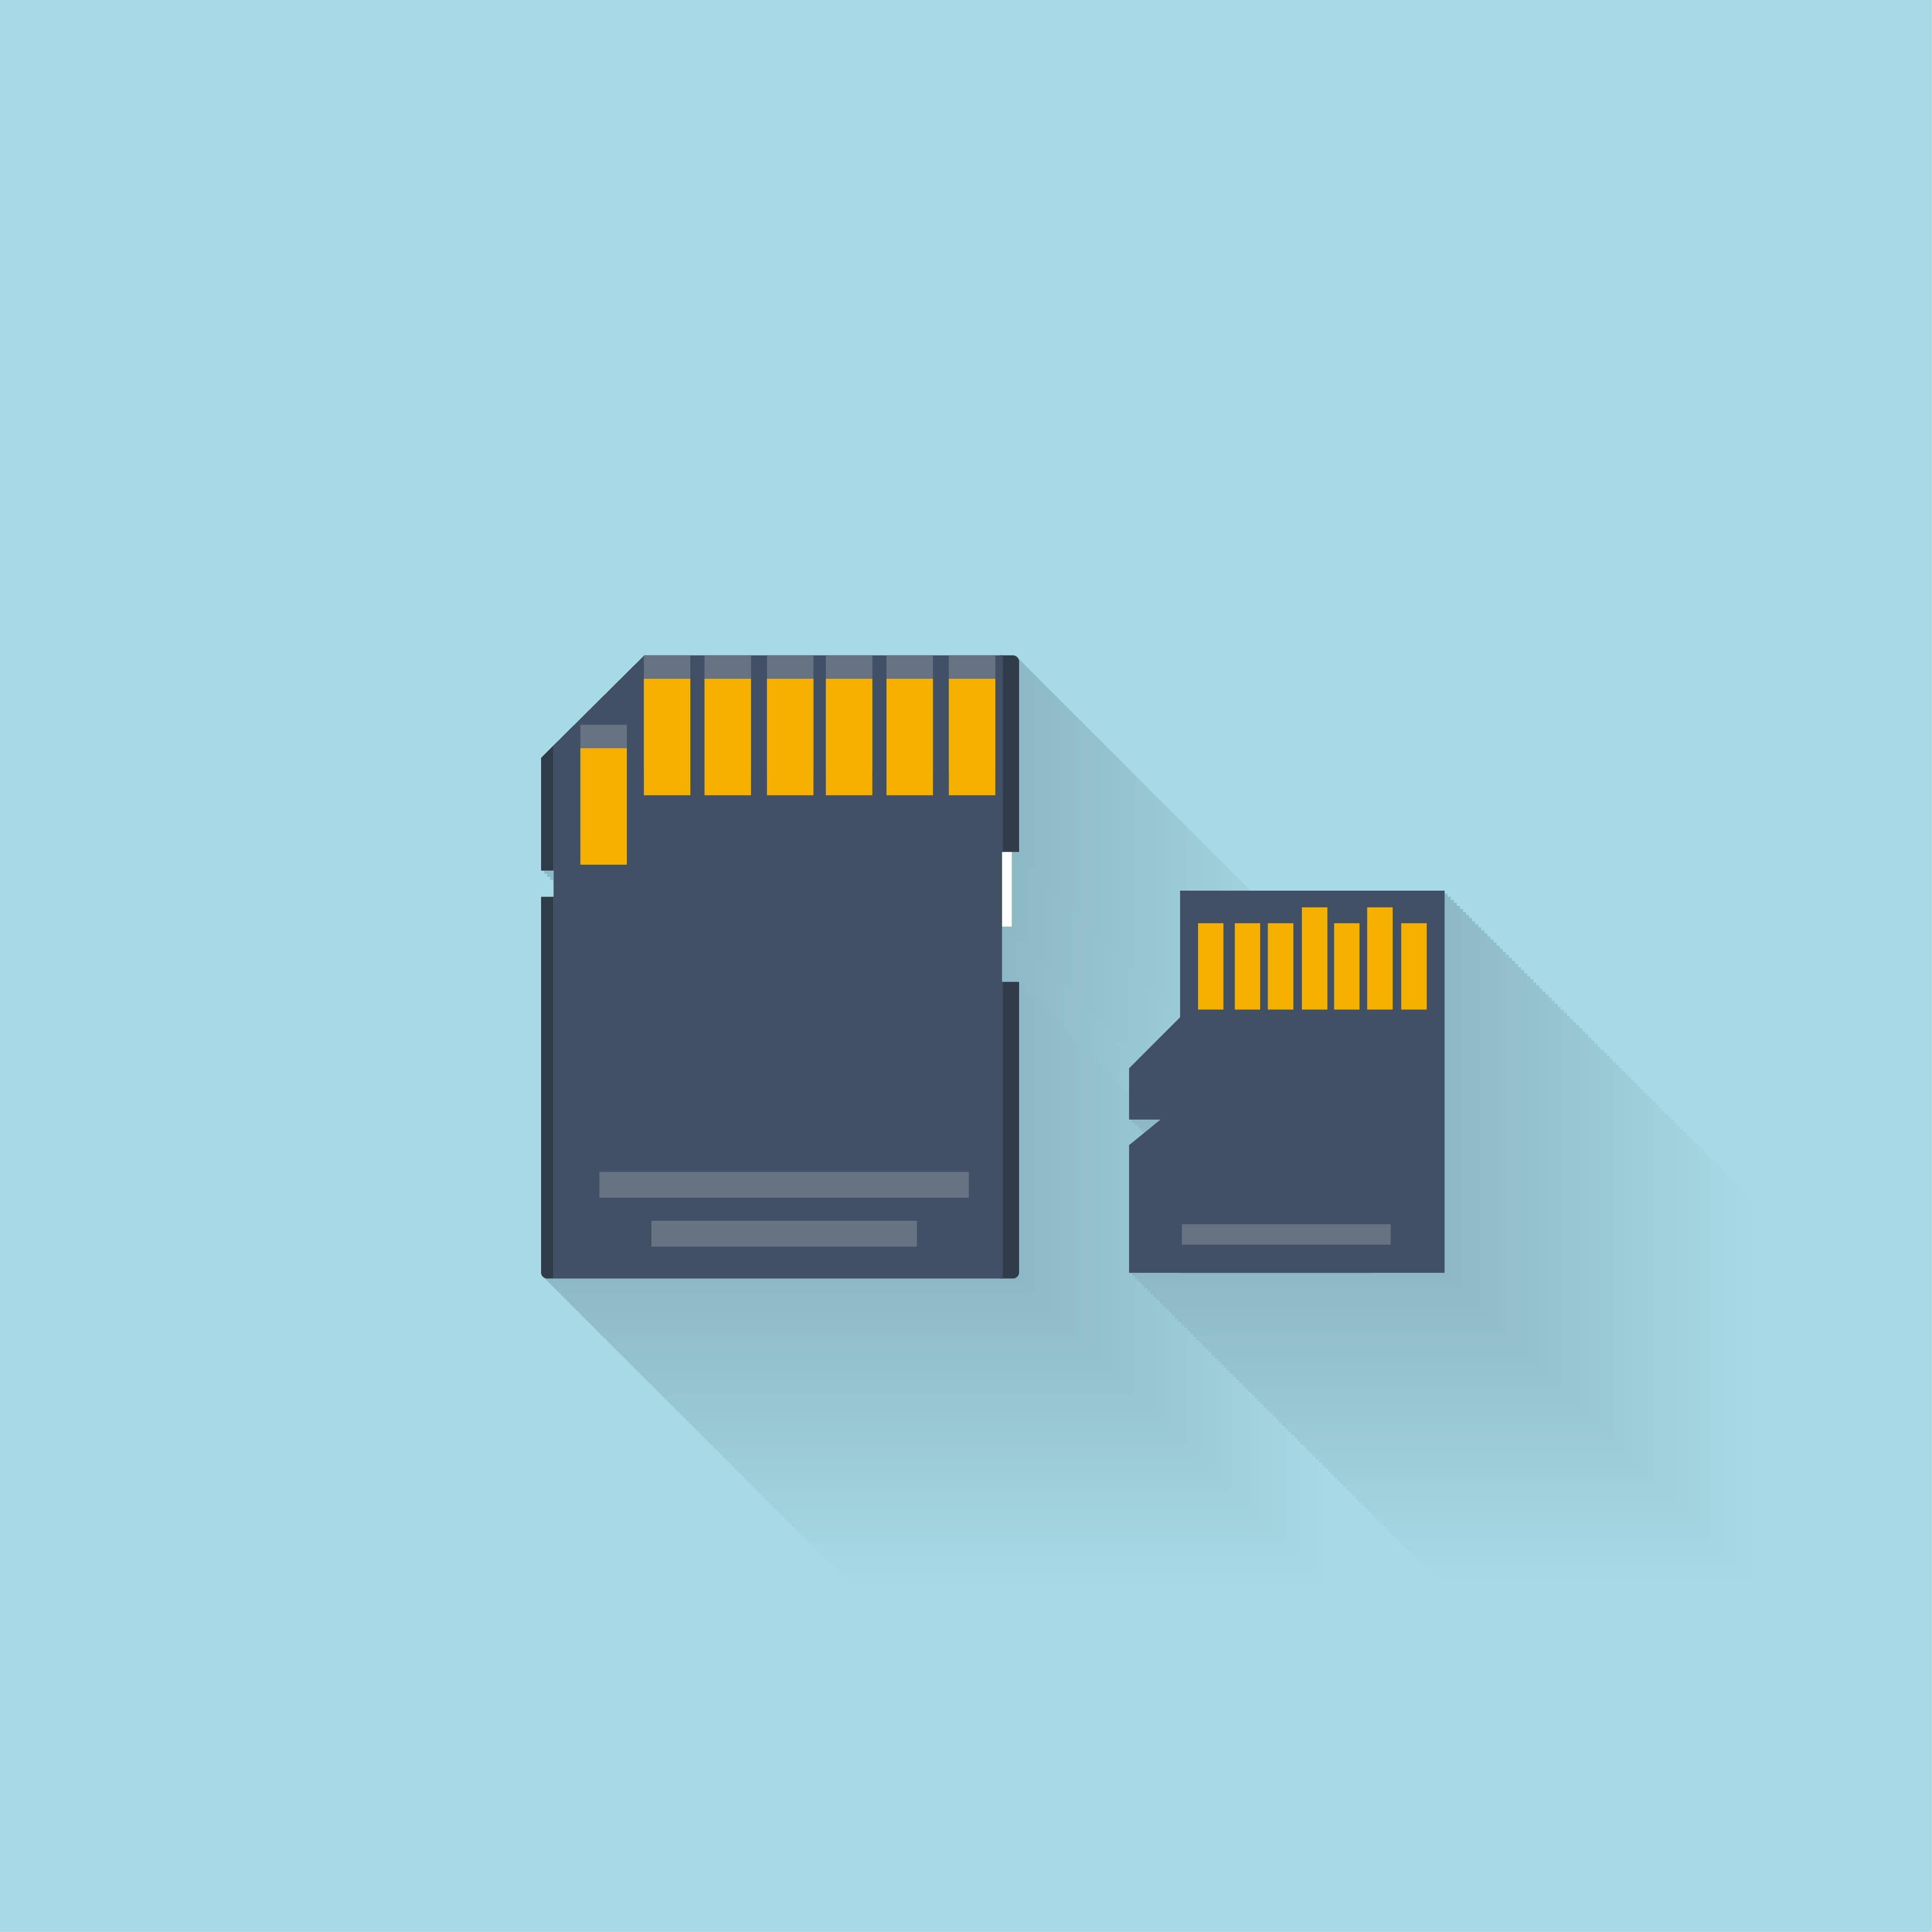 Sony Tough to nośnik, który nareszcie rozprawia się z największą bolączką kart SD